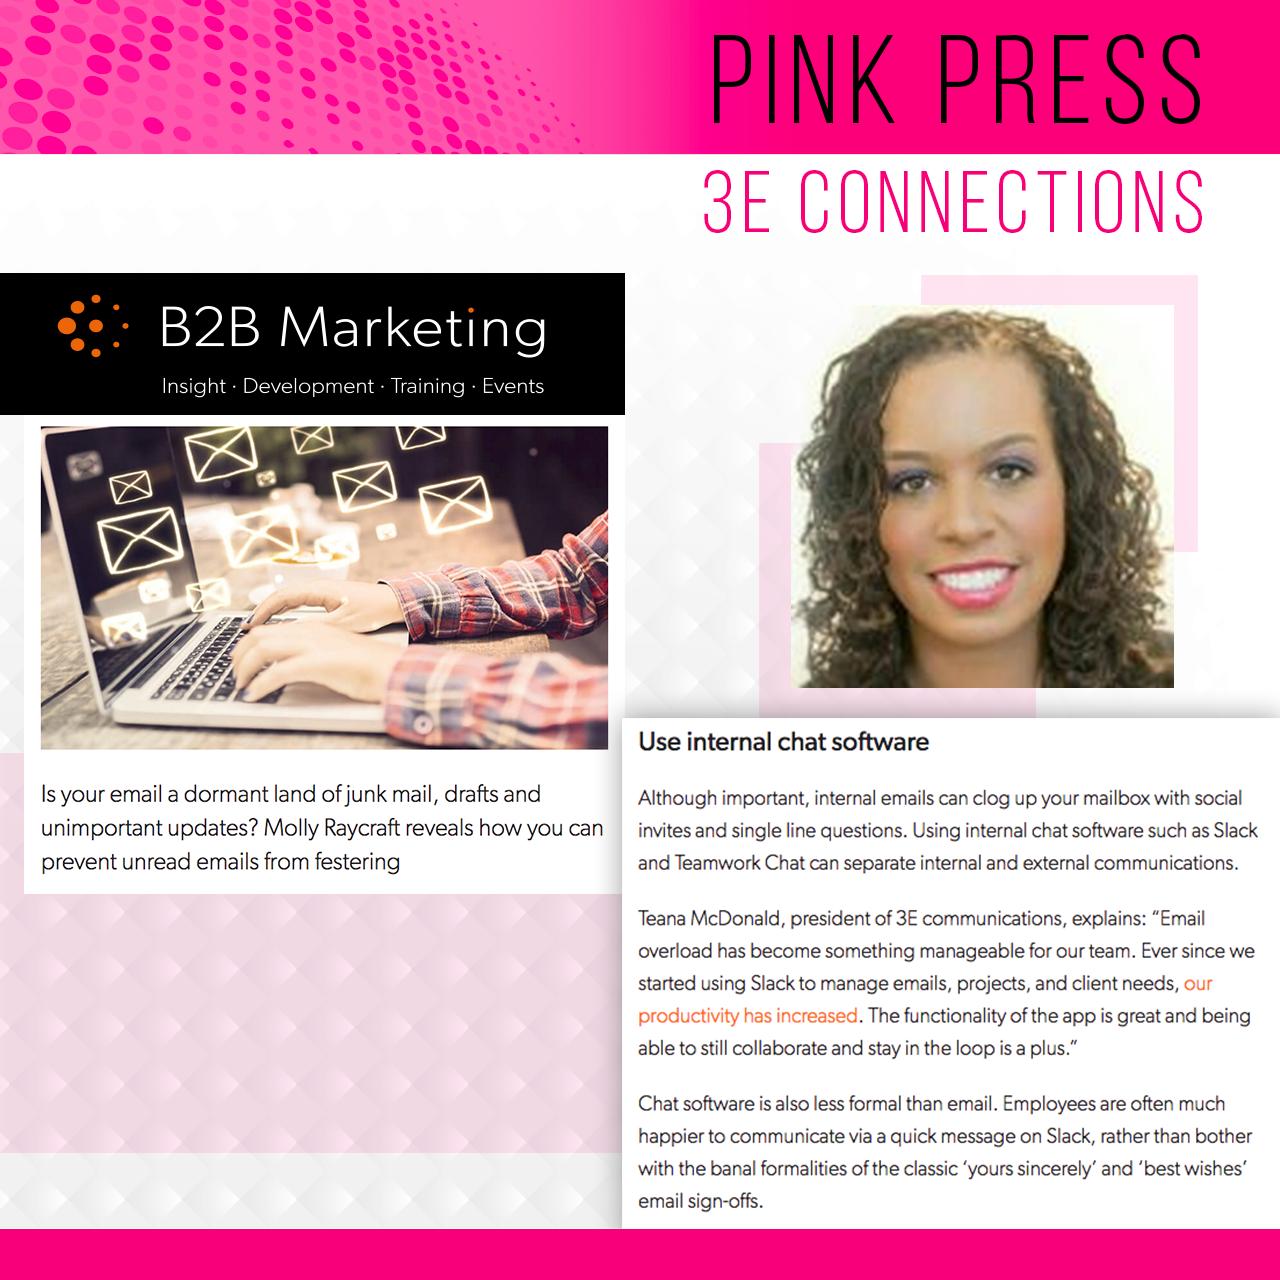 PinkPress_B2B Marketing.png